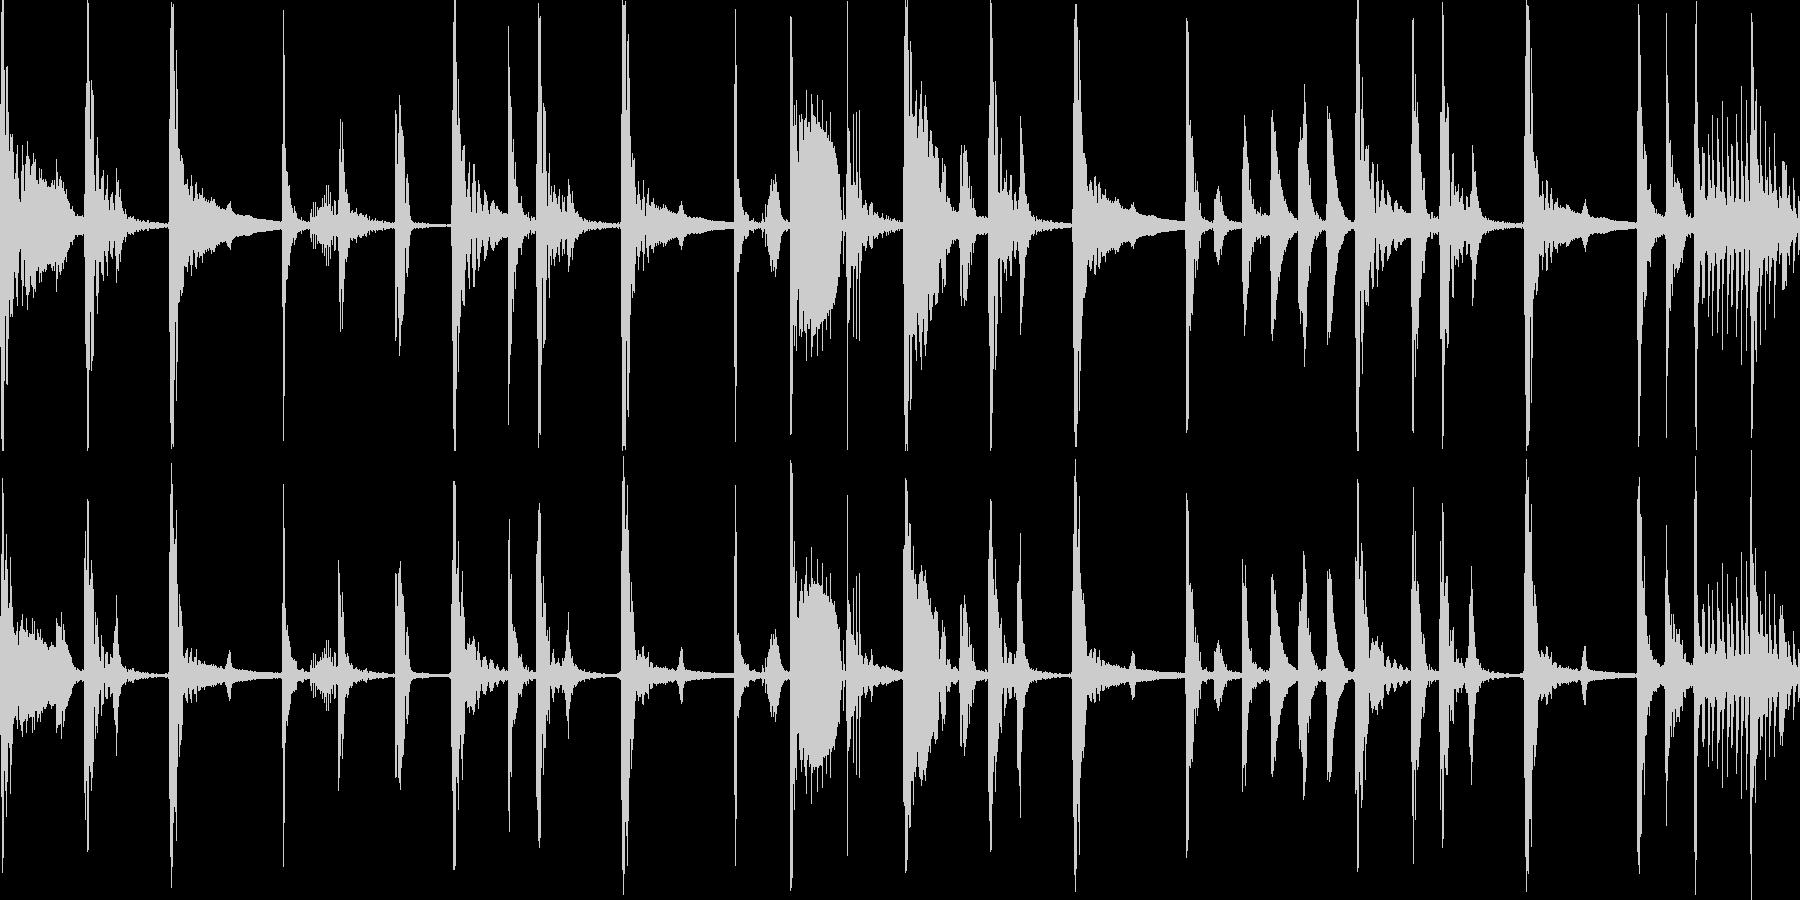 ジャングル多国籍民族のBGM_LOOPの未再生の波形